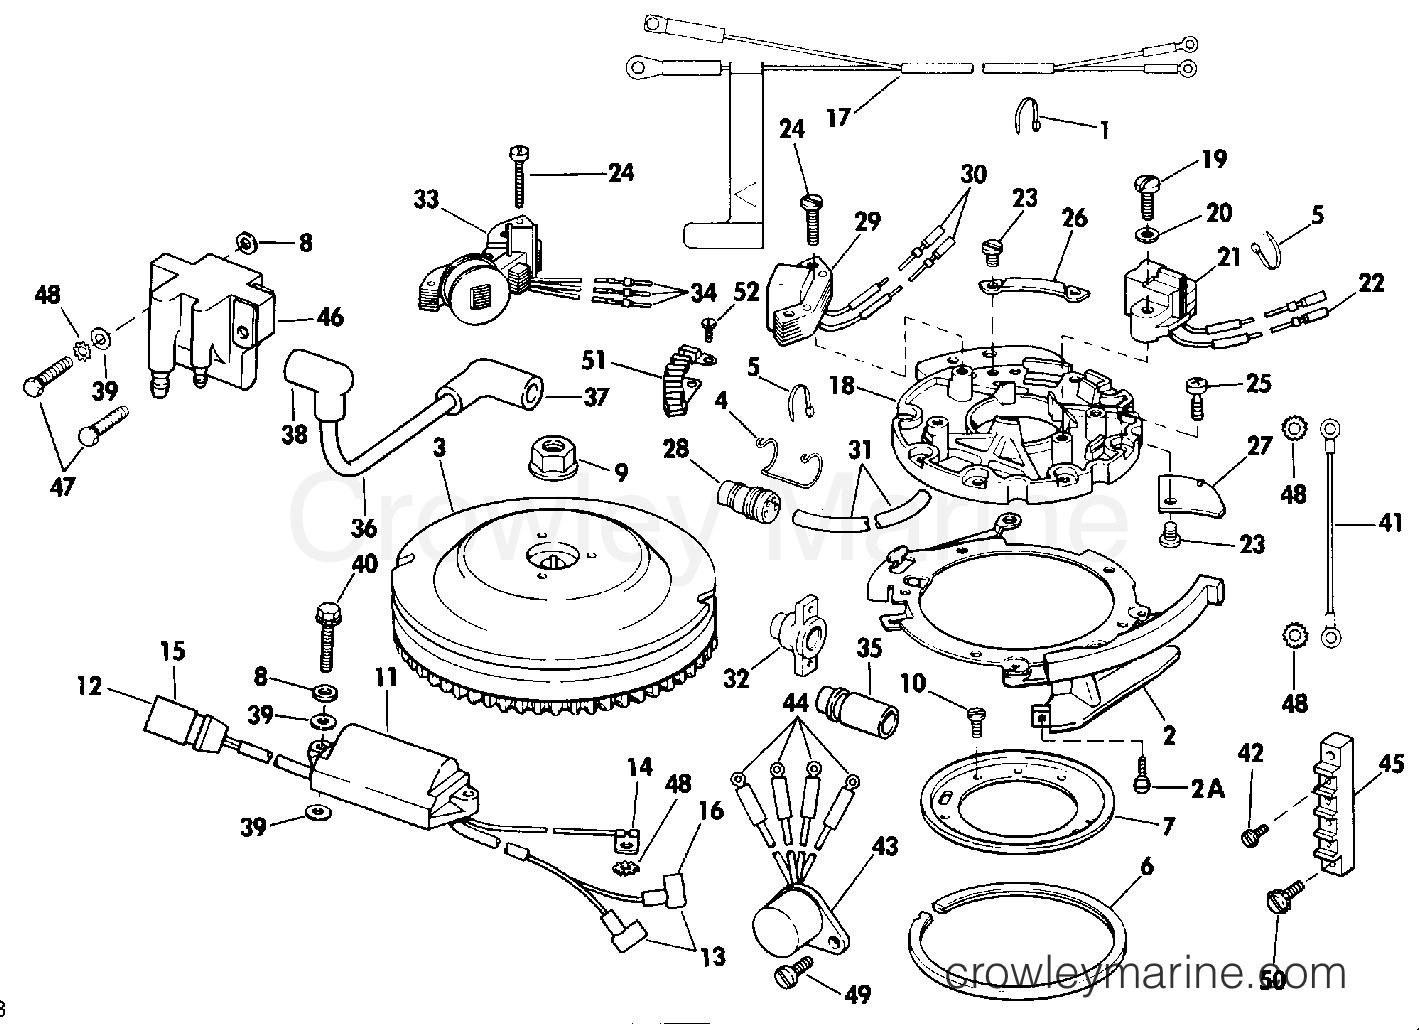 1979 Evinrude Wiring Diagram